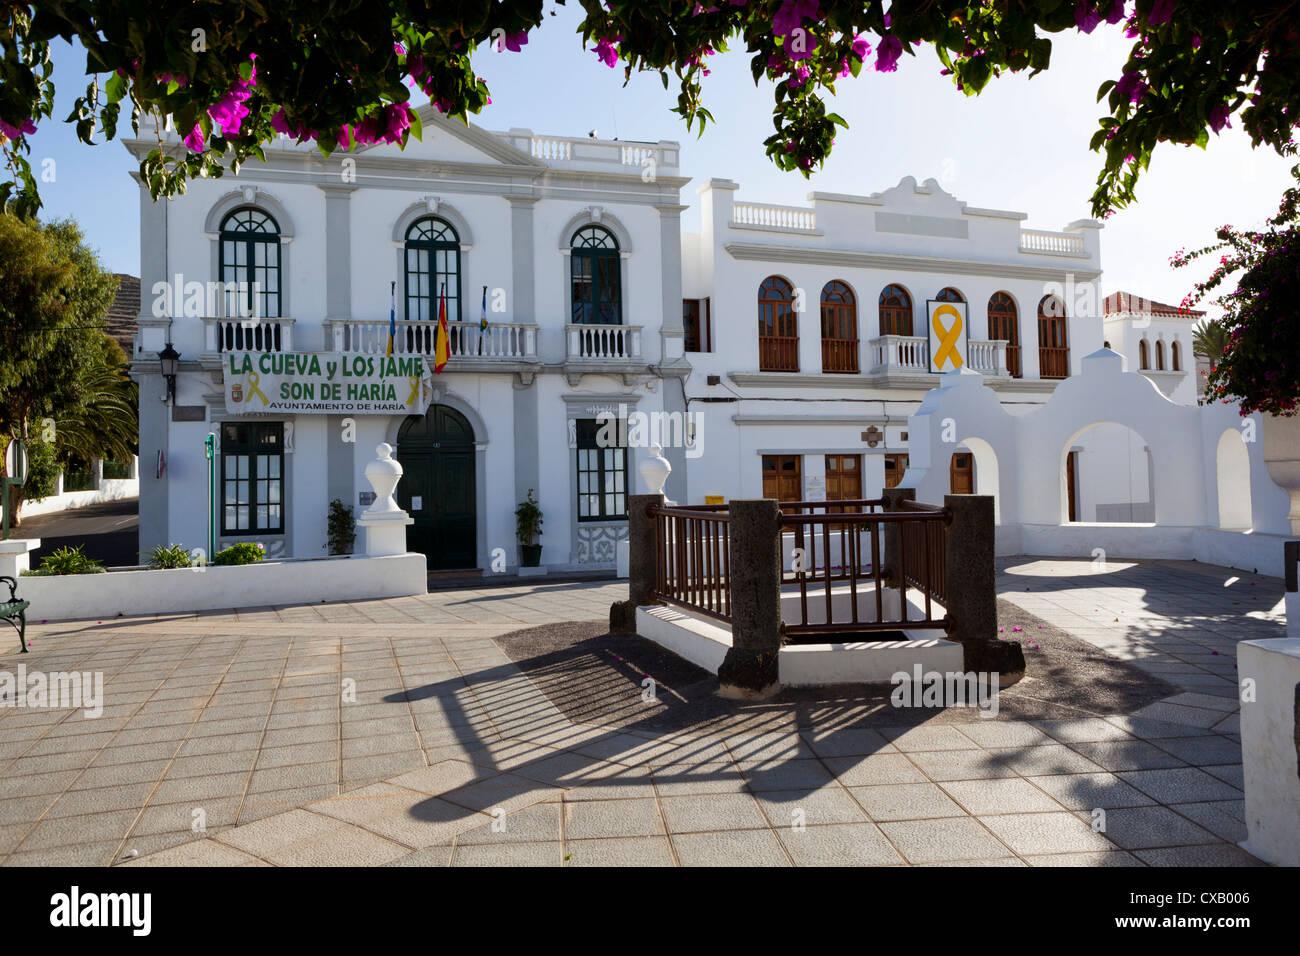 Plaza De La Constitución und Ayuntamiento (Rathaus), Haria, Lanzarote, Kanarische Inseln, Spanien, Europa Stockbild